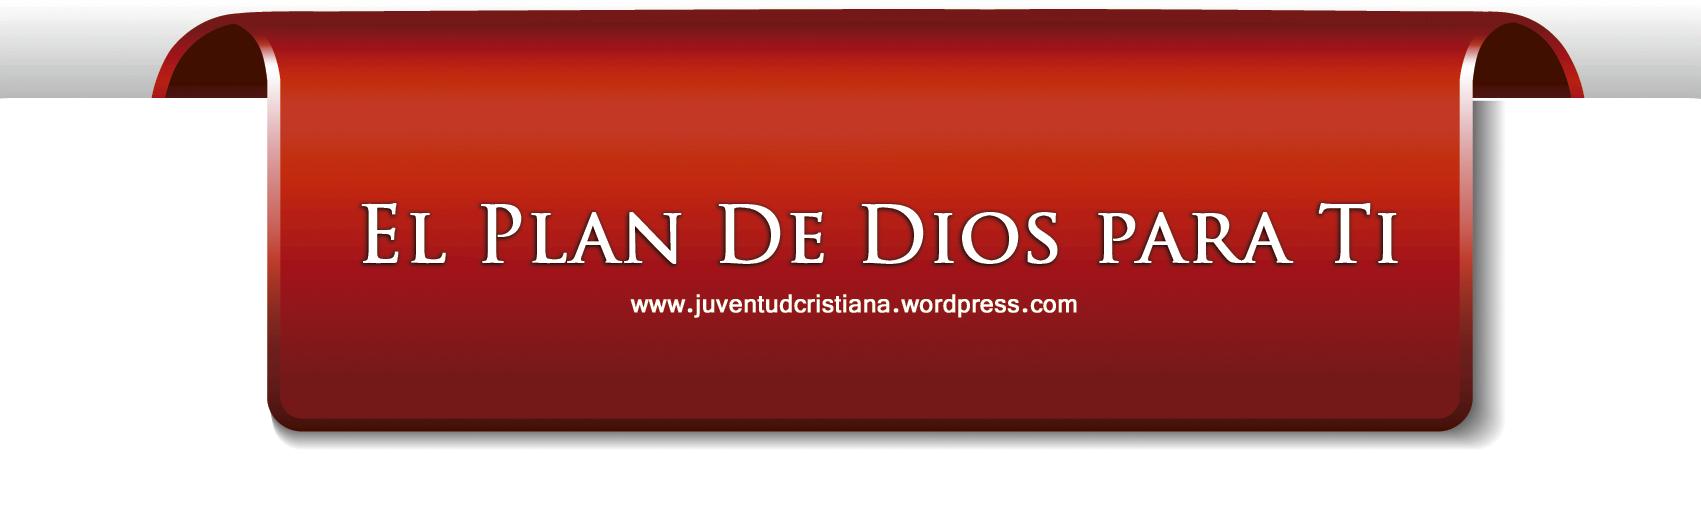 Dinamicas de Reflexion - Devocionales Cristianos